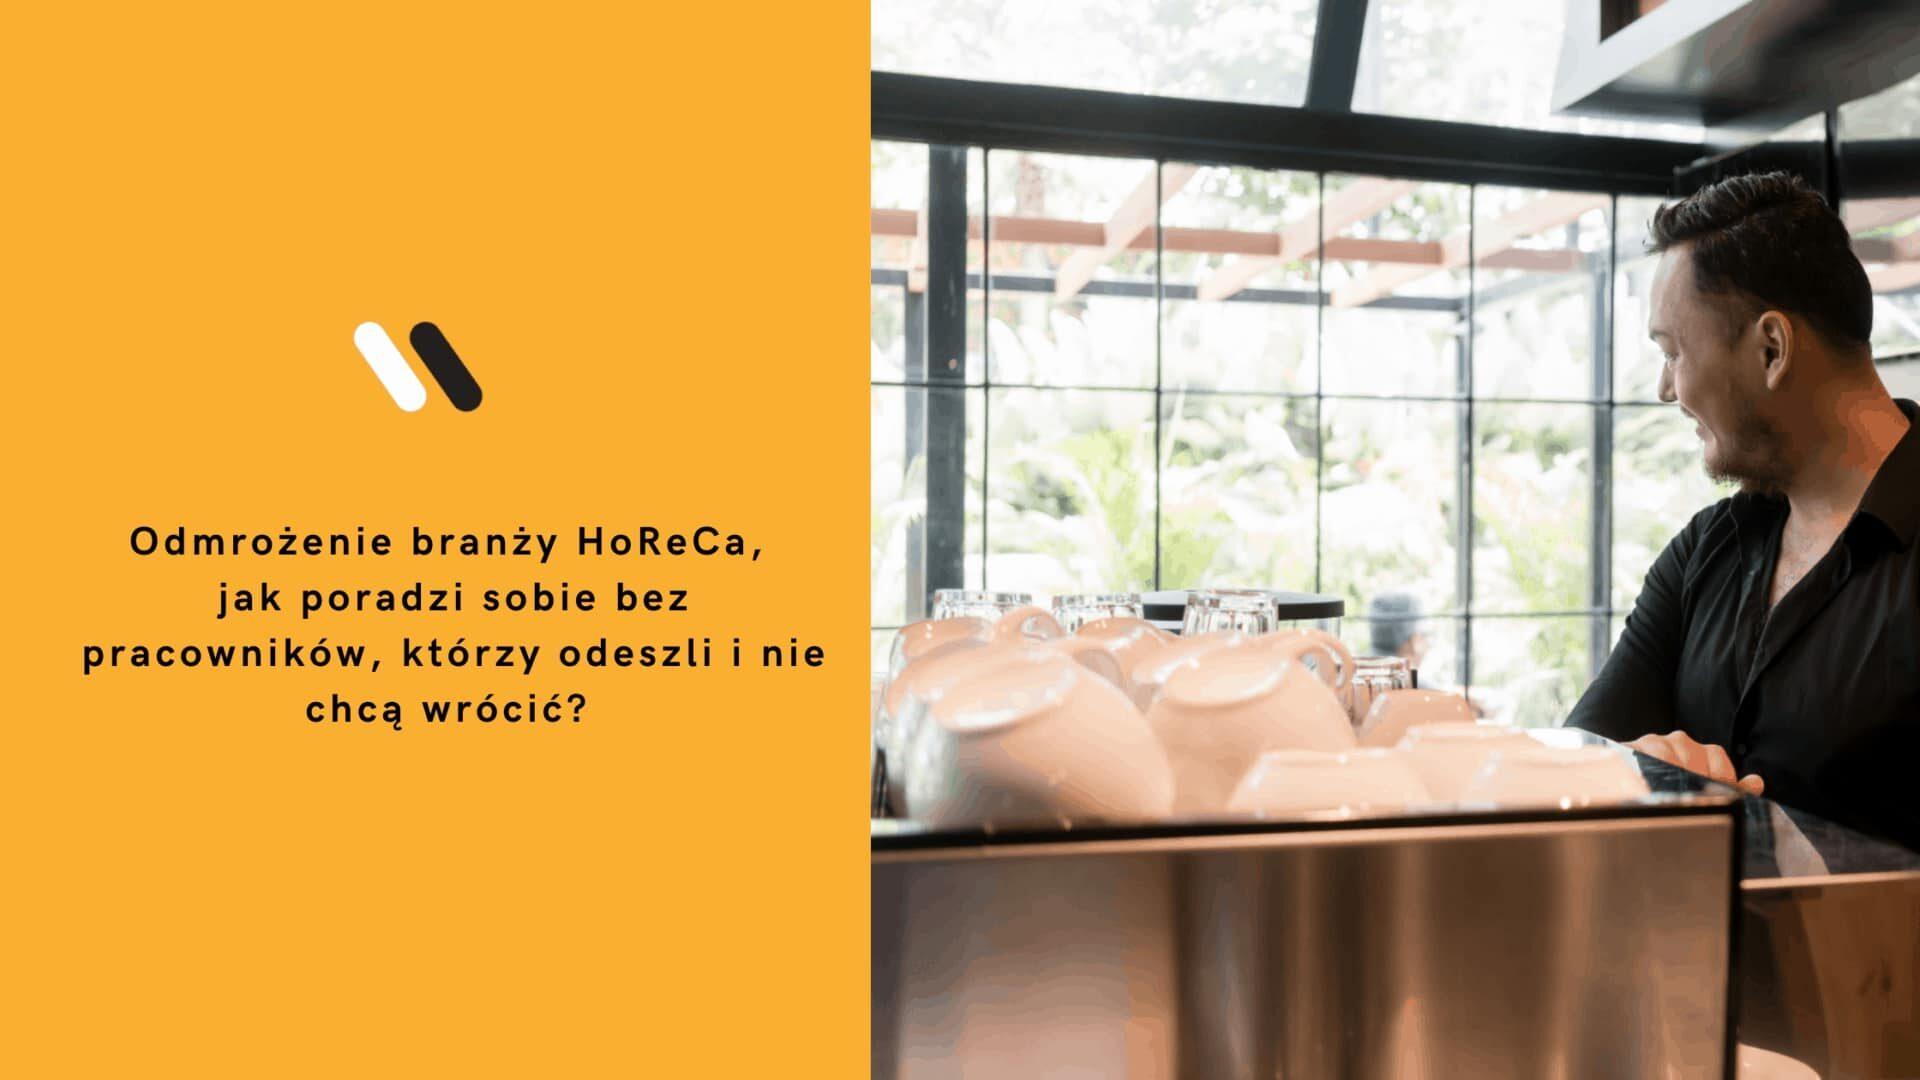 Odmrożenie branży HoReCa jak poradzi sobie bez pracowników którzy odeszli